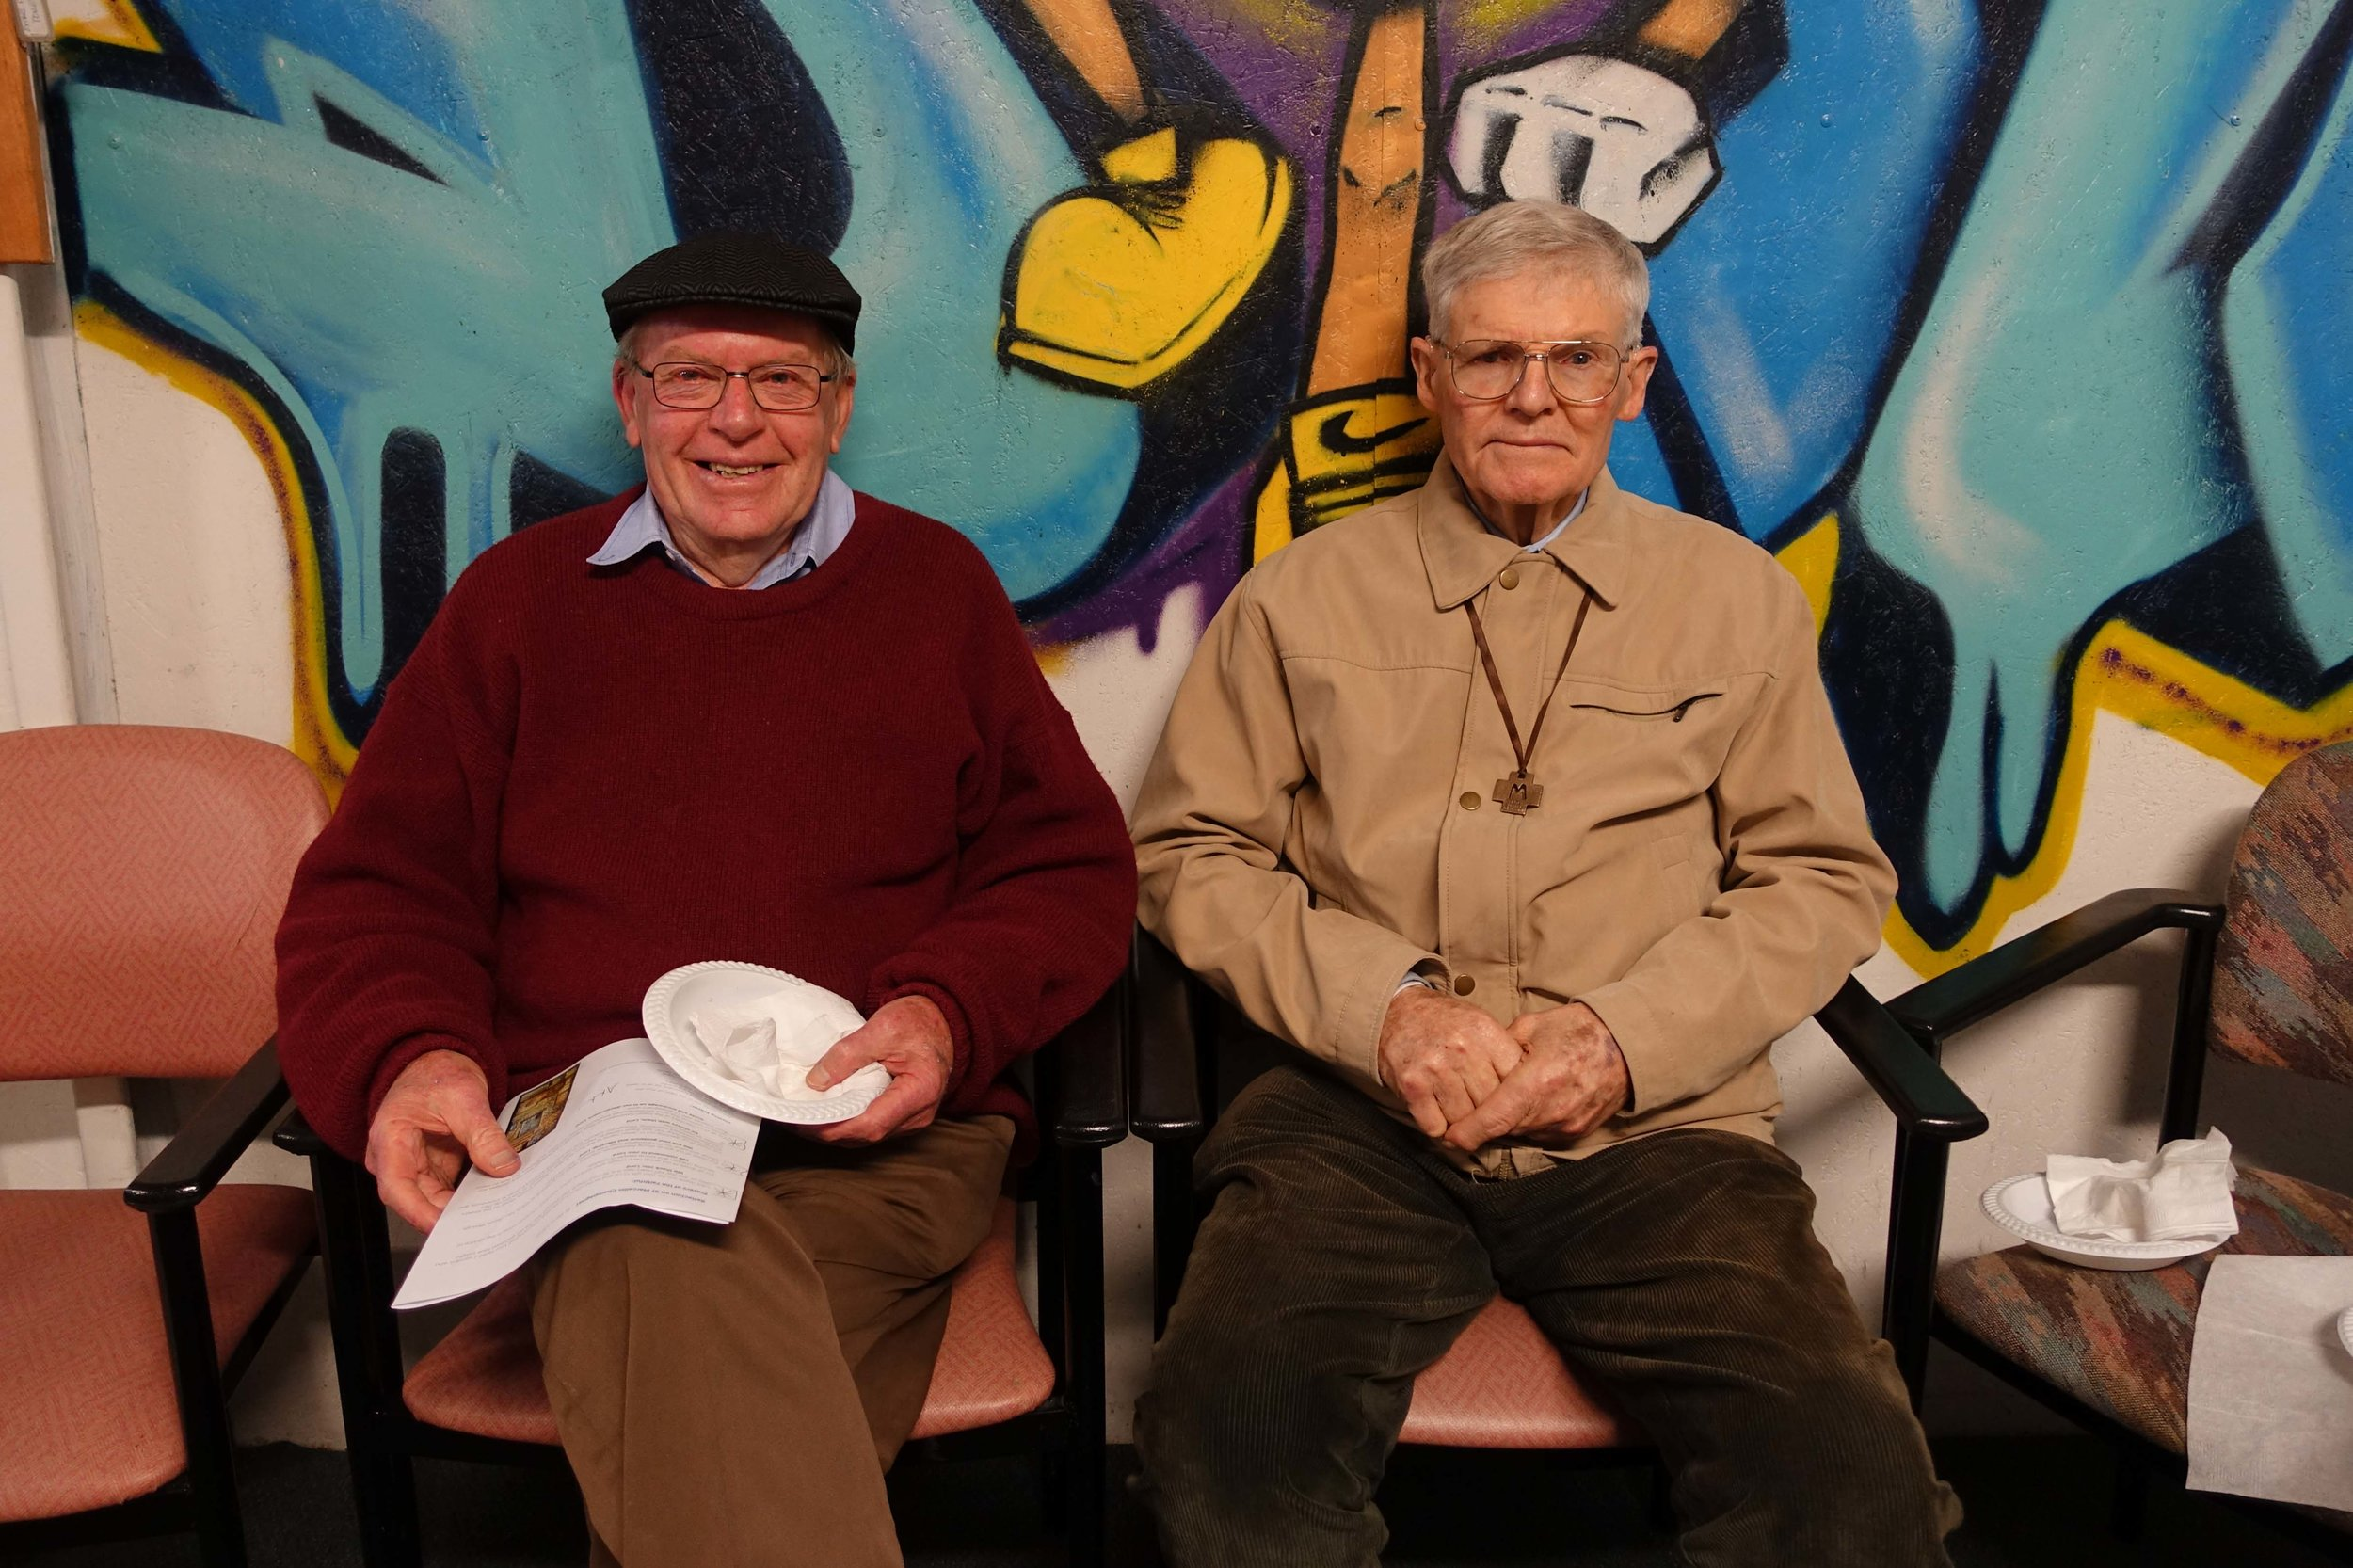 Br. Brian Leak and Br. Arthur Maybon